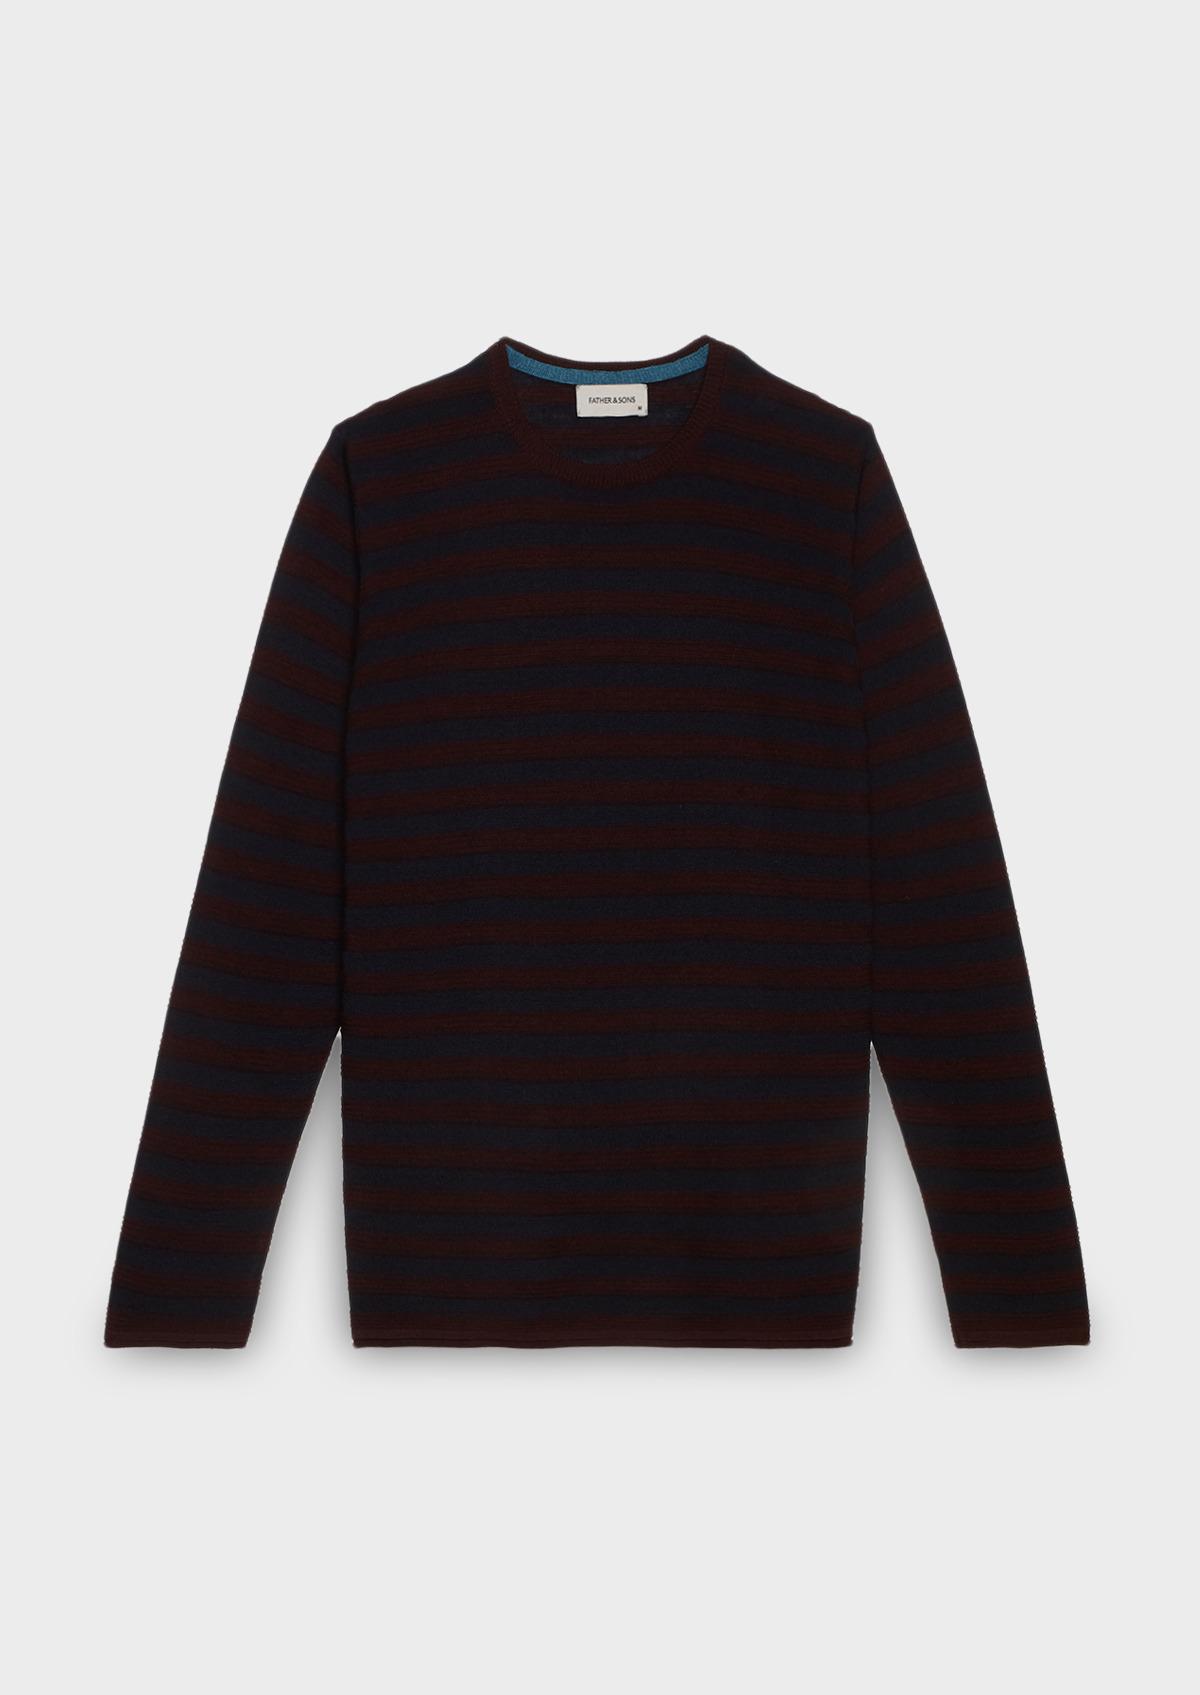 Pull en laine mérinos col rond rayé bordeaux et bleu